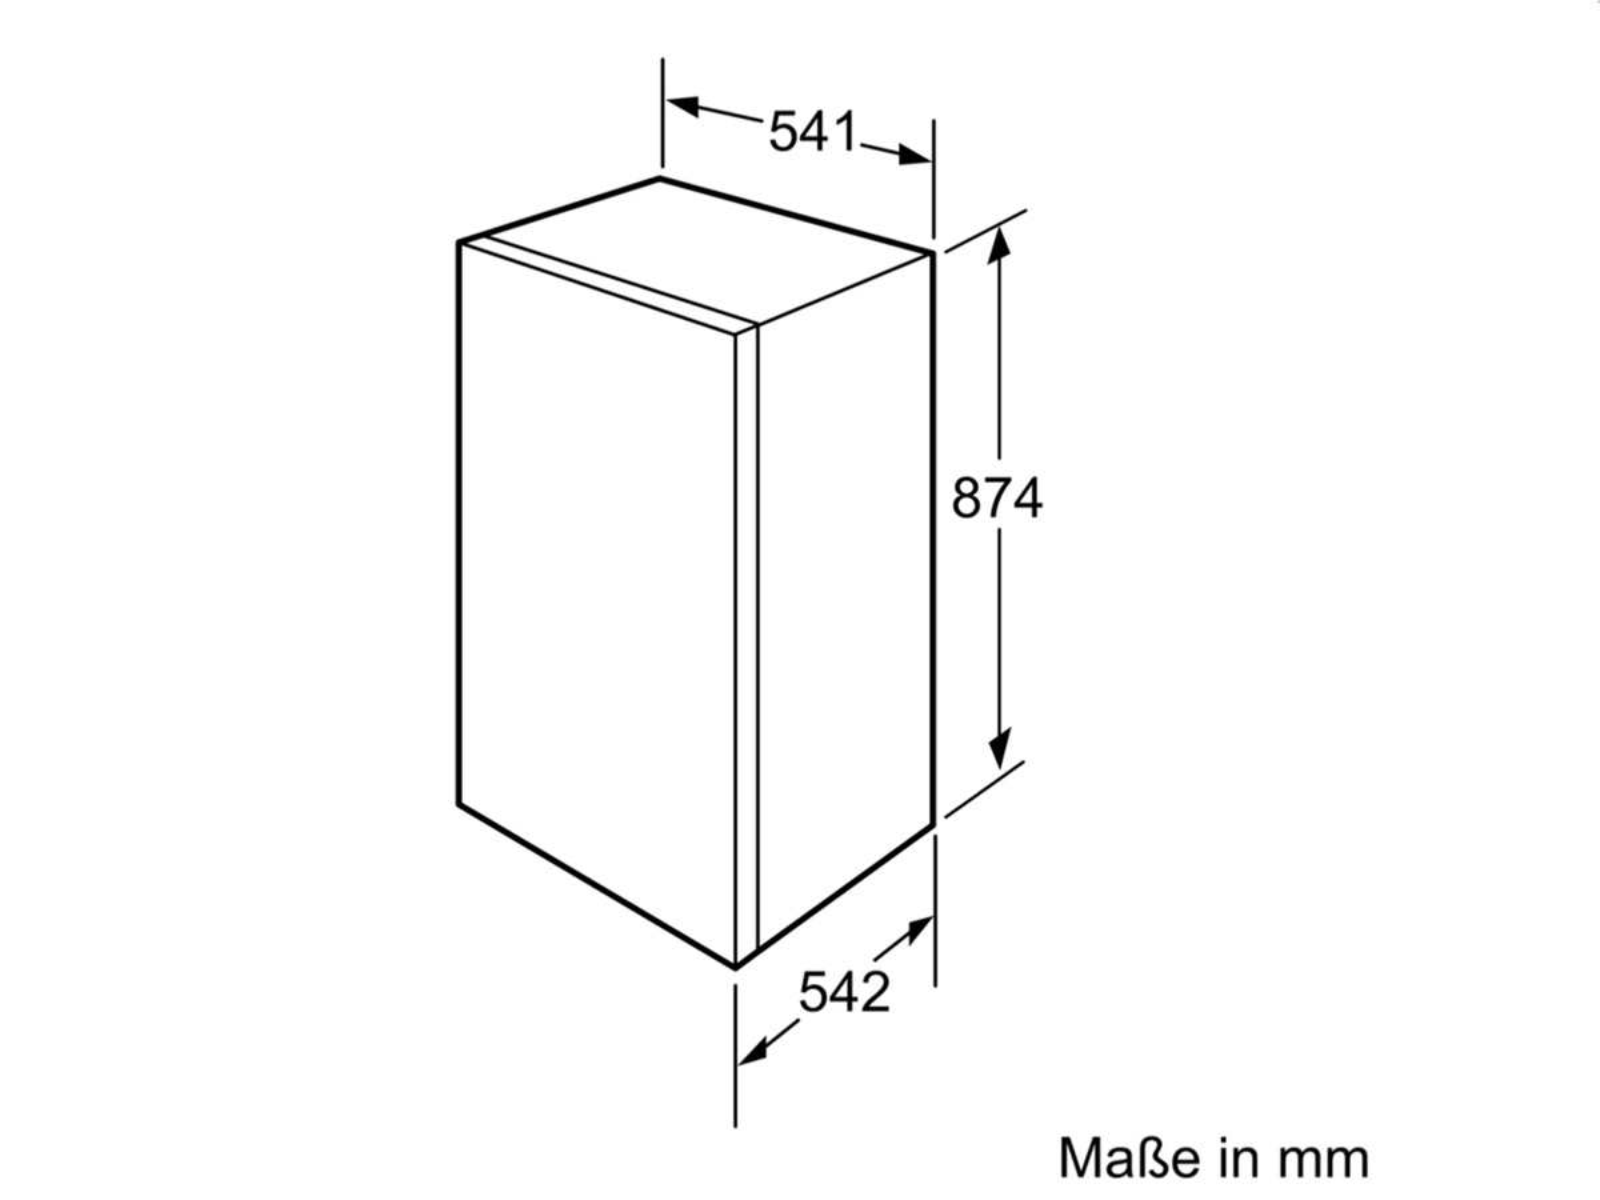 bosch kir18v51 einbau k hlschrank 88 cm k hler k hlger t. Black Bedroom Furniture Sets. Home Design Ideas